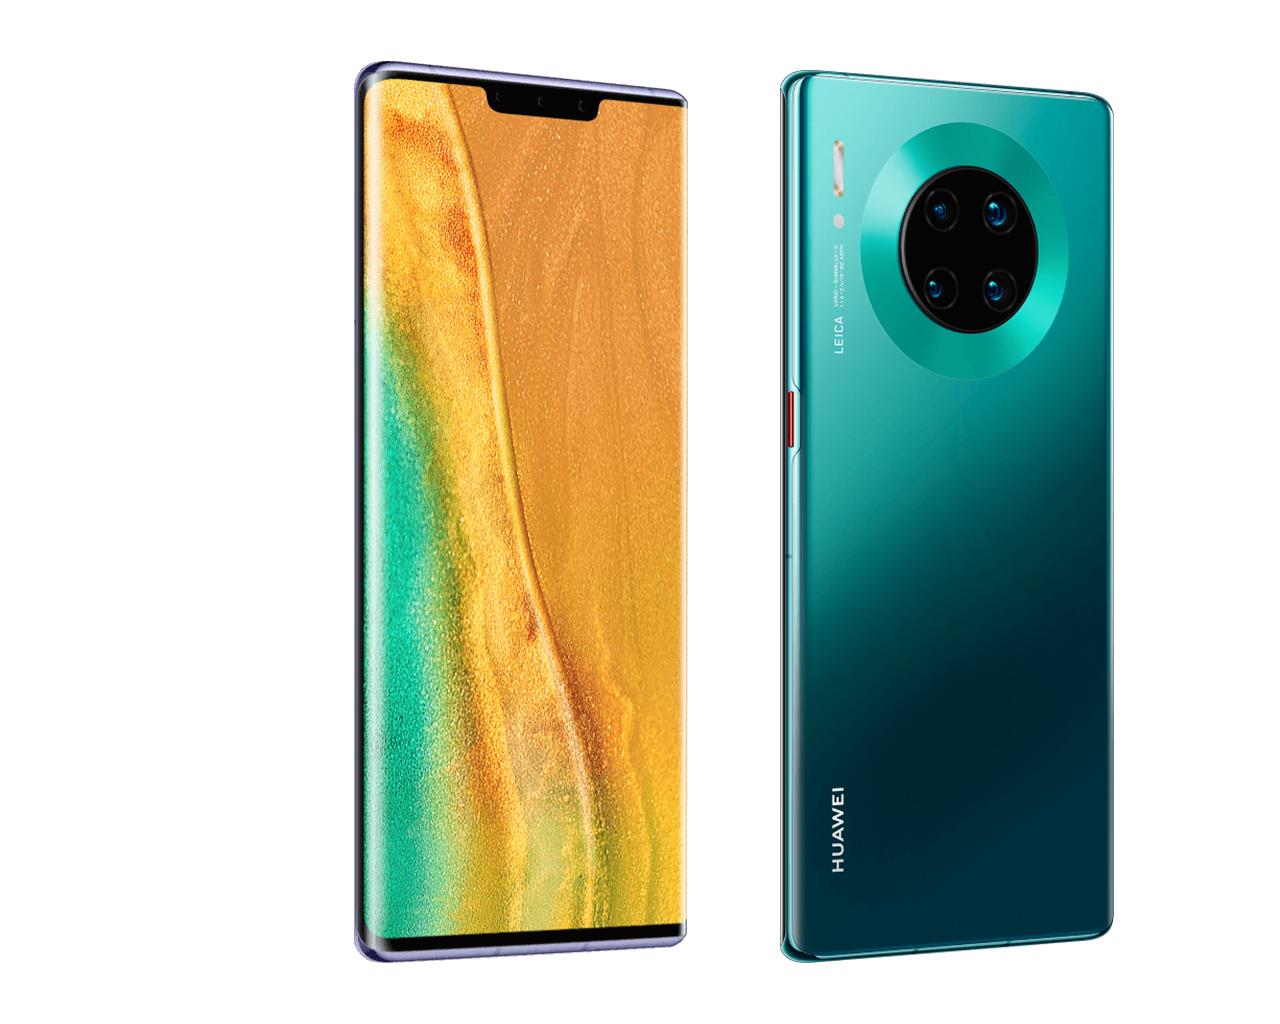 Huawei's Mate 30. Huawei